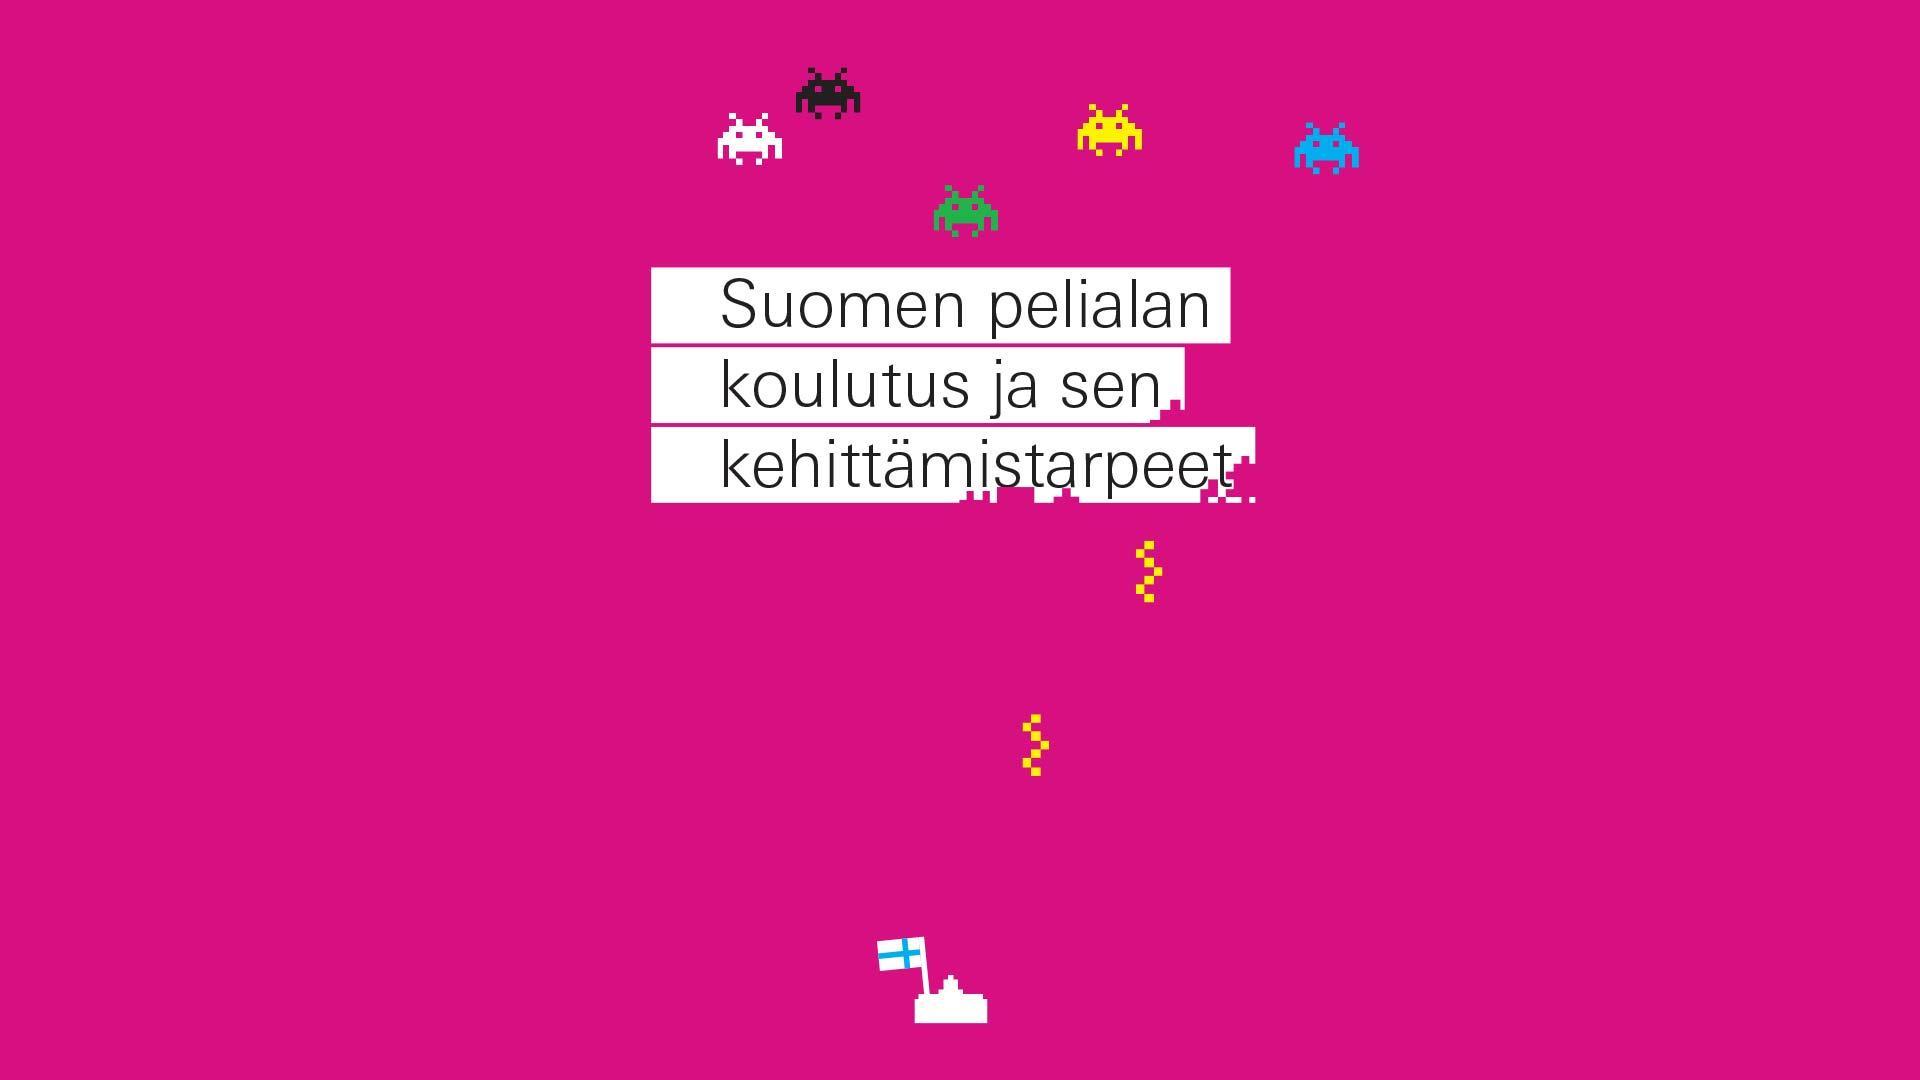 2008 Suomen pelialan koulutustarpeet 2008